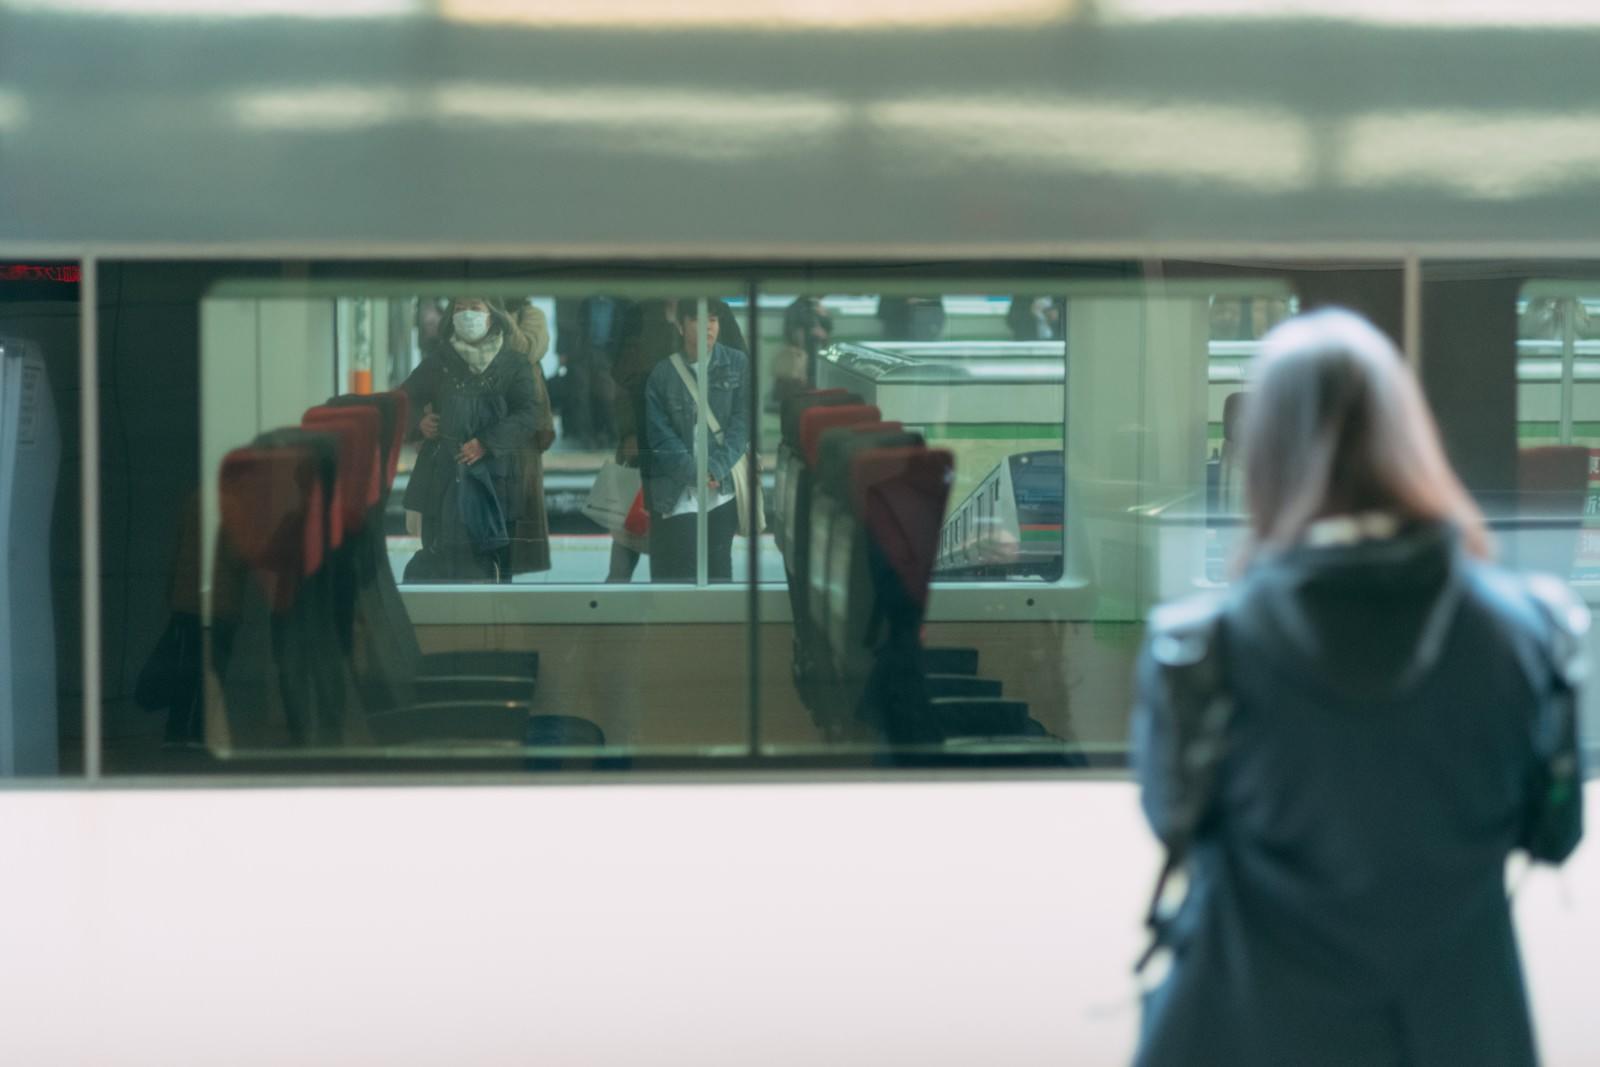 「停車中の電車越しに見る利用客」の写真